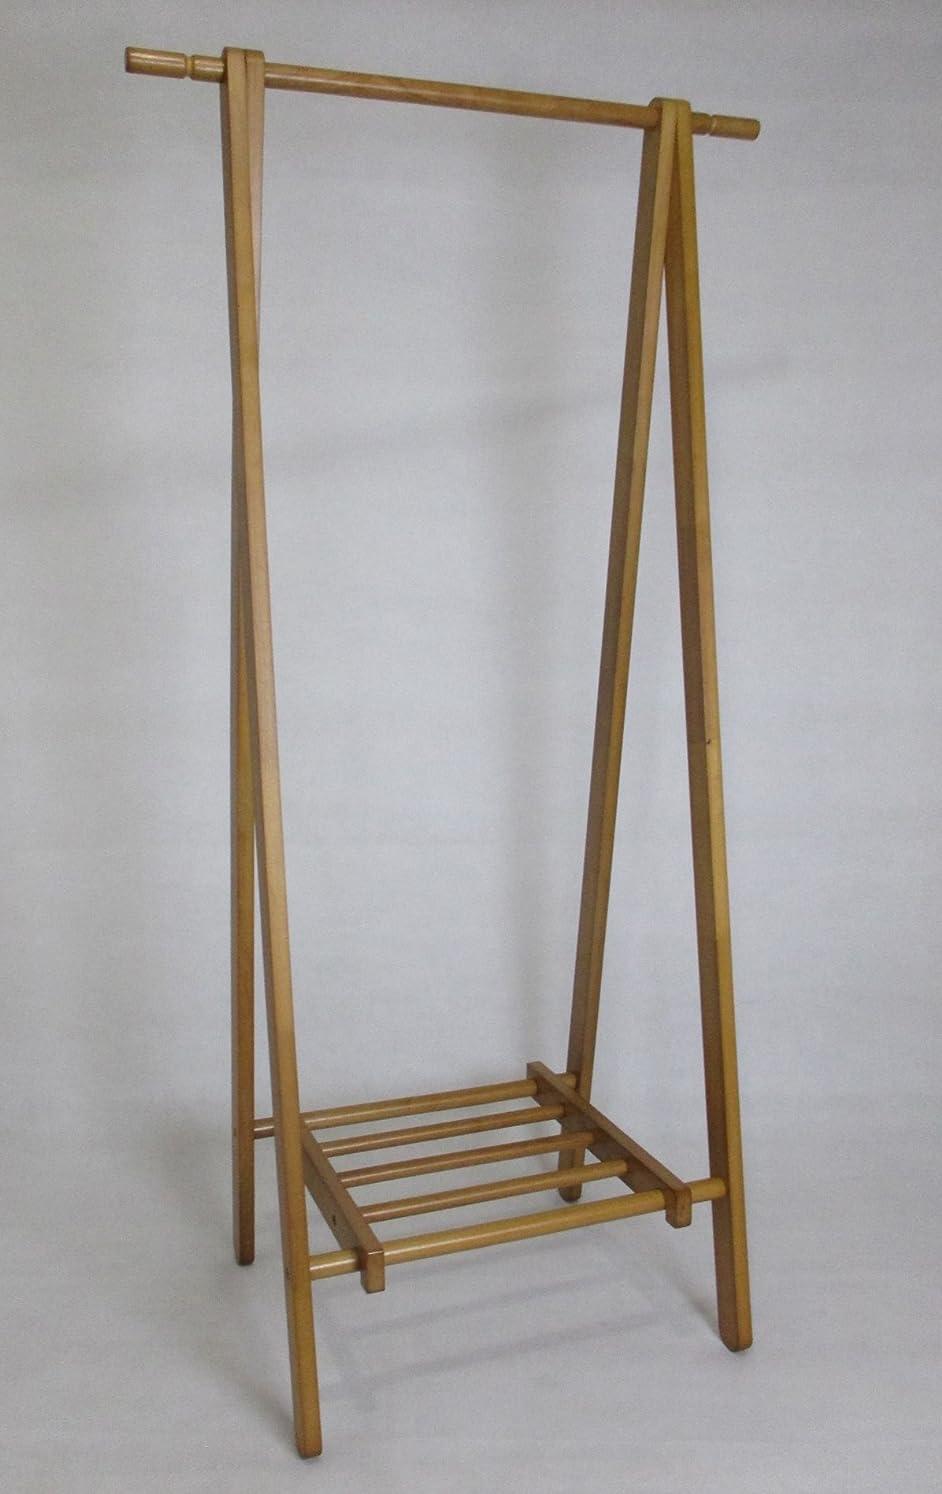 講師オーバーフロージェット木製ハンガーラック ポールハンガー アンティーク  lh-6110 br